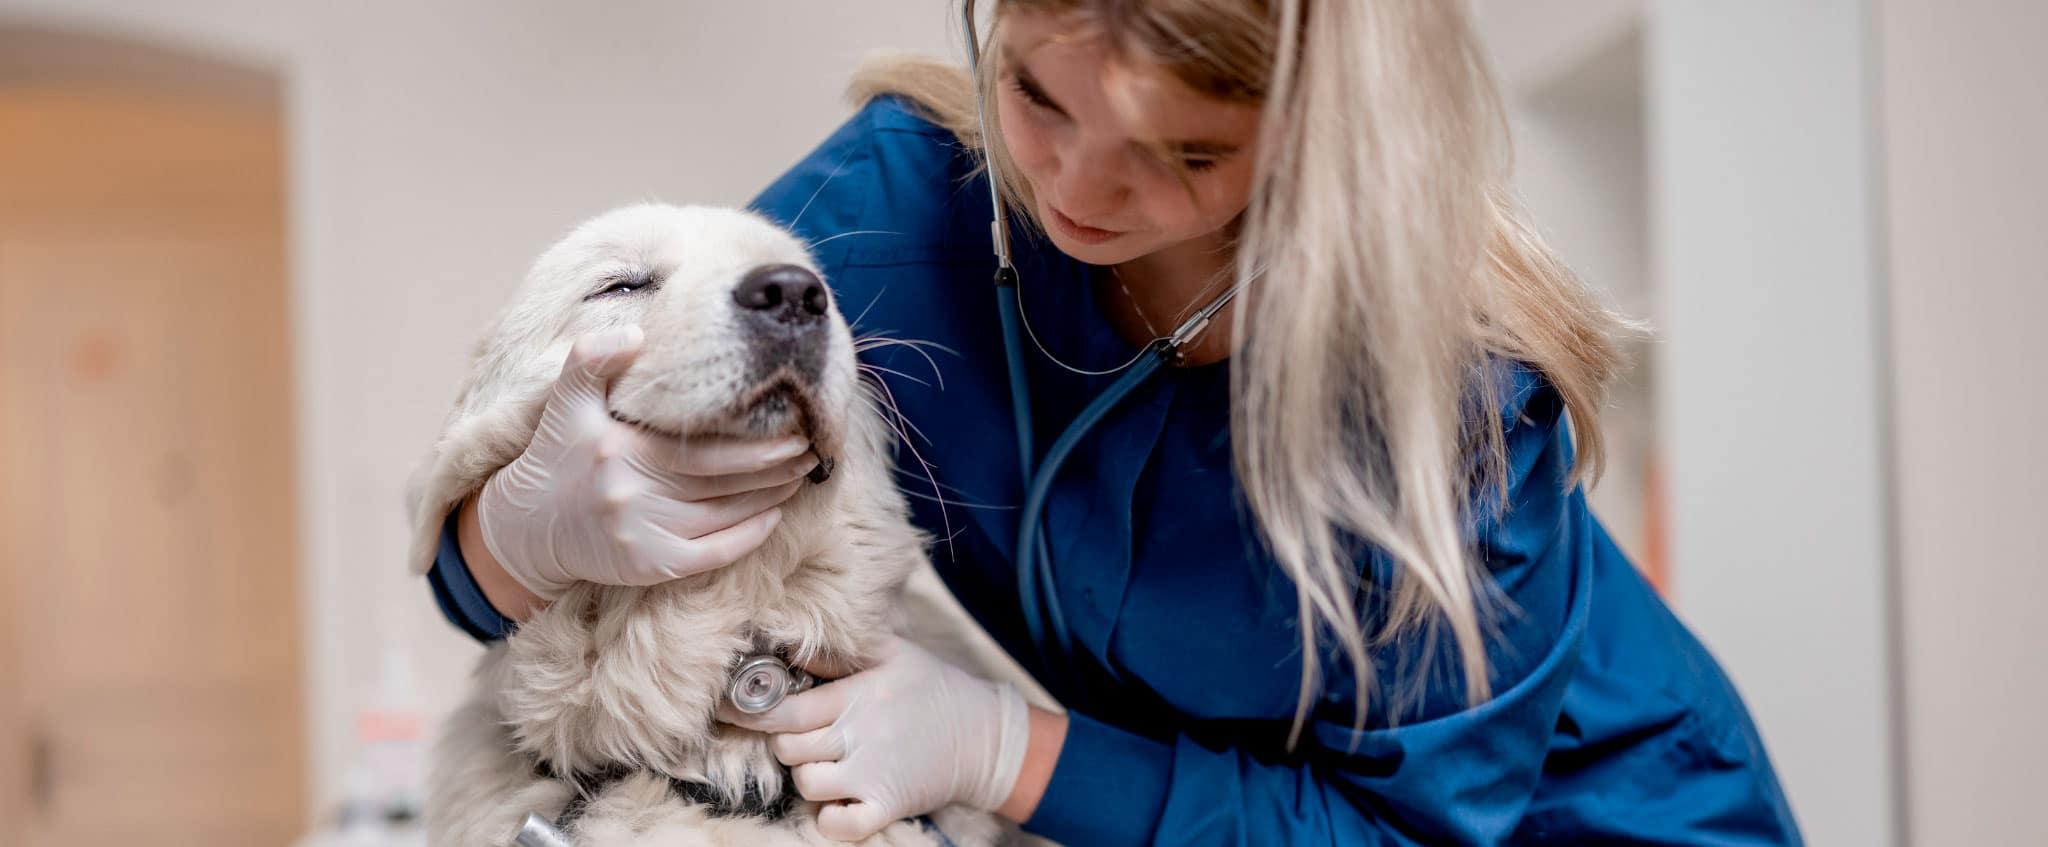 Oposiciones de veterinaria: cómo prepararlas y próximas convocatorias